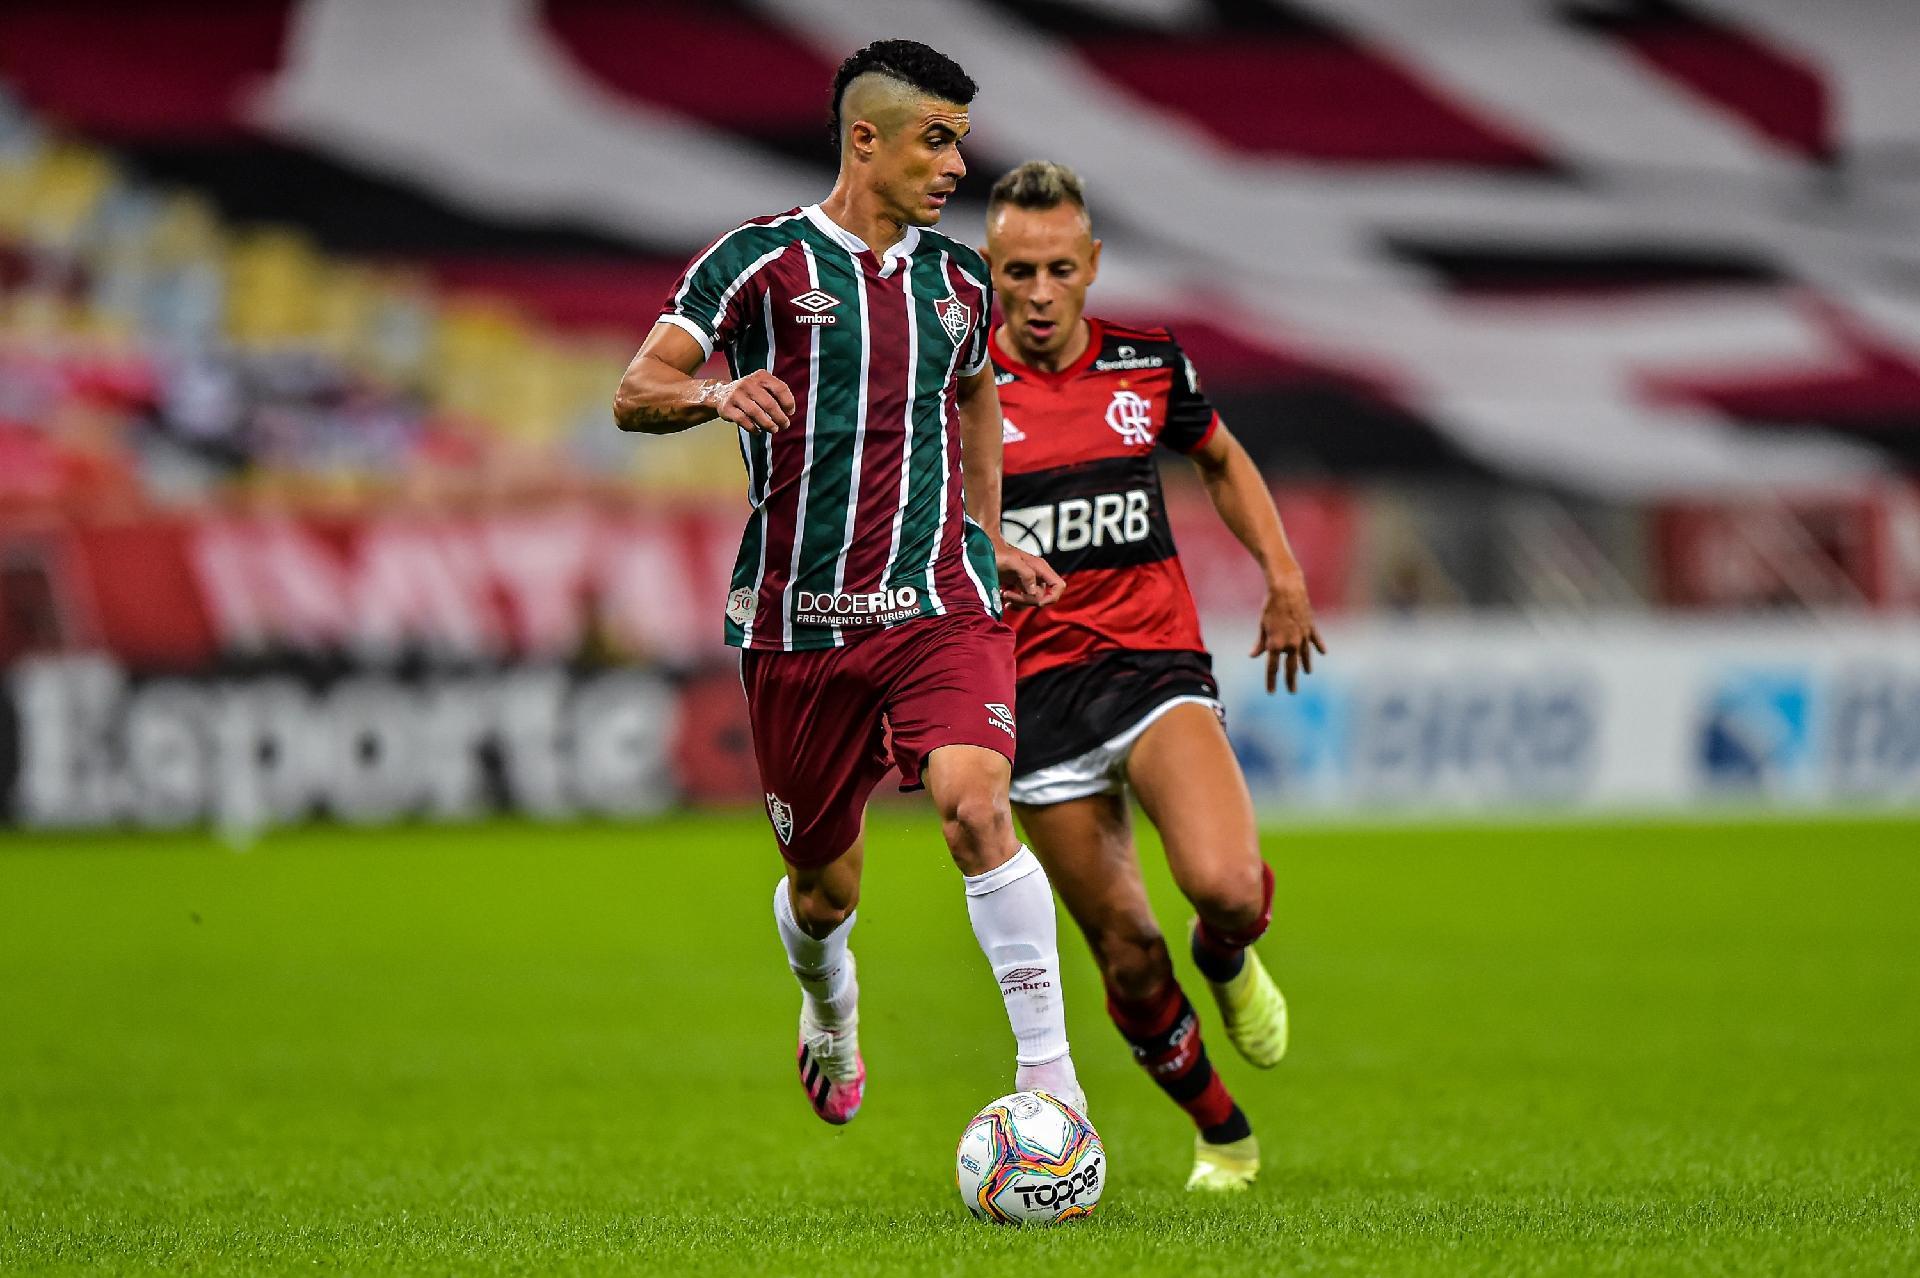 Egídio, do Fluminense, protege a bola na decisão do Campeonato Carioca contra o Flamengo